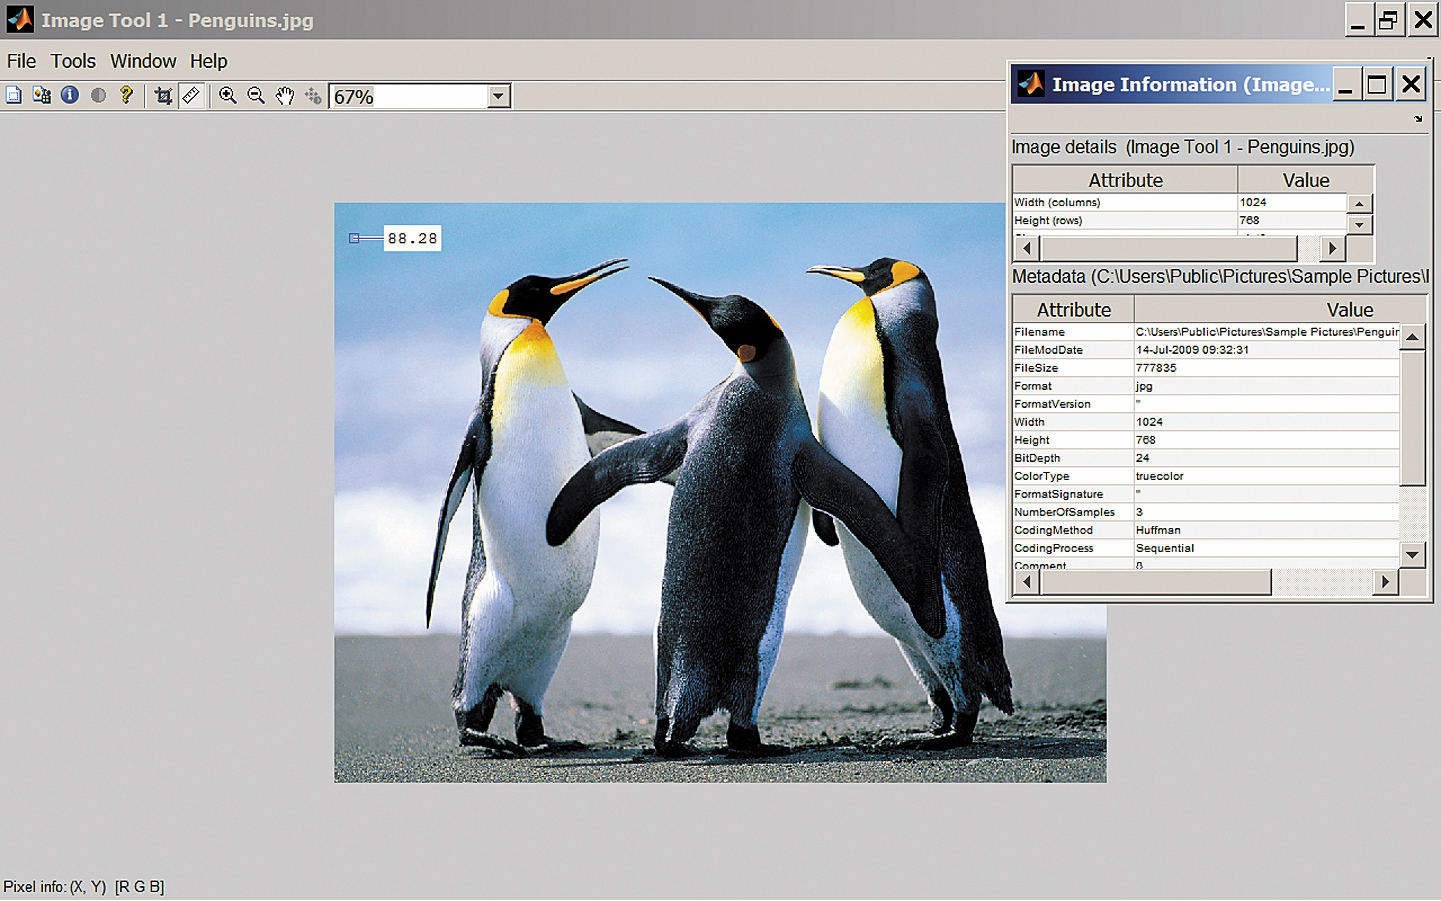 Применение функций просмотра изображений